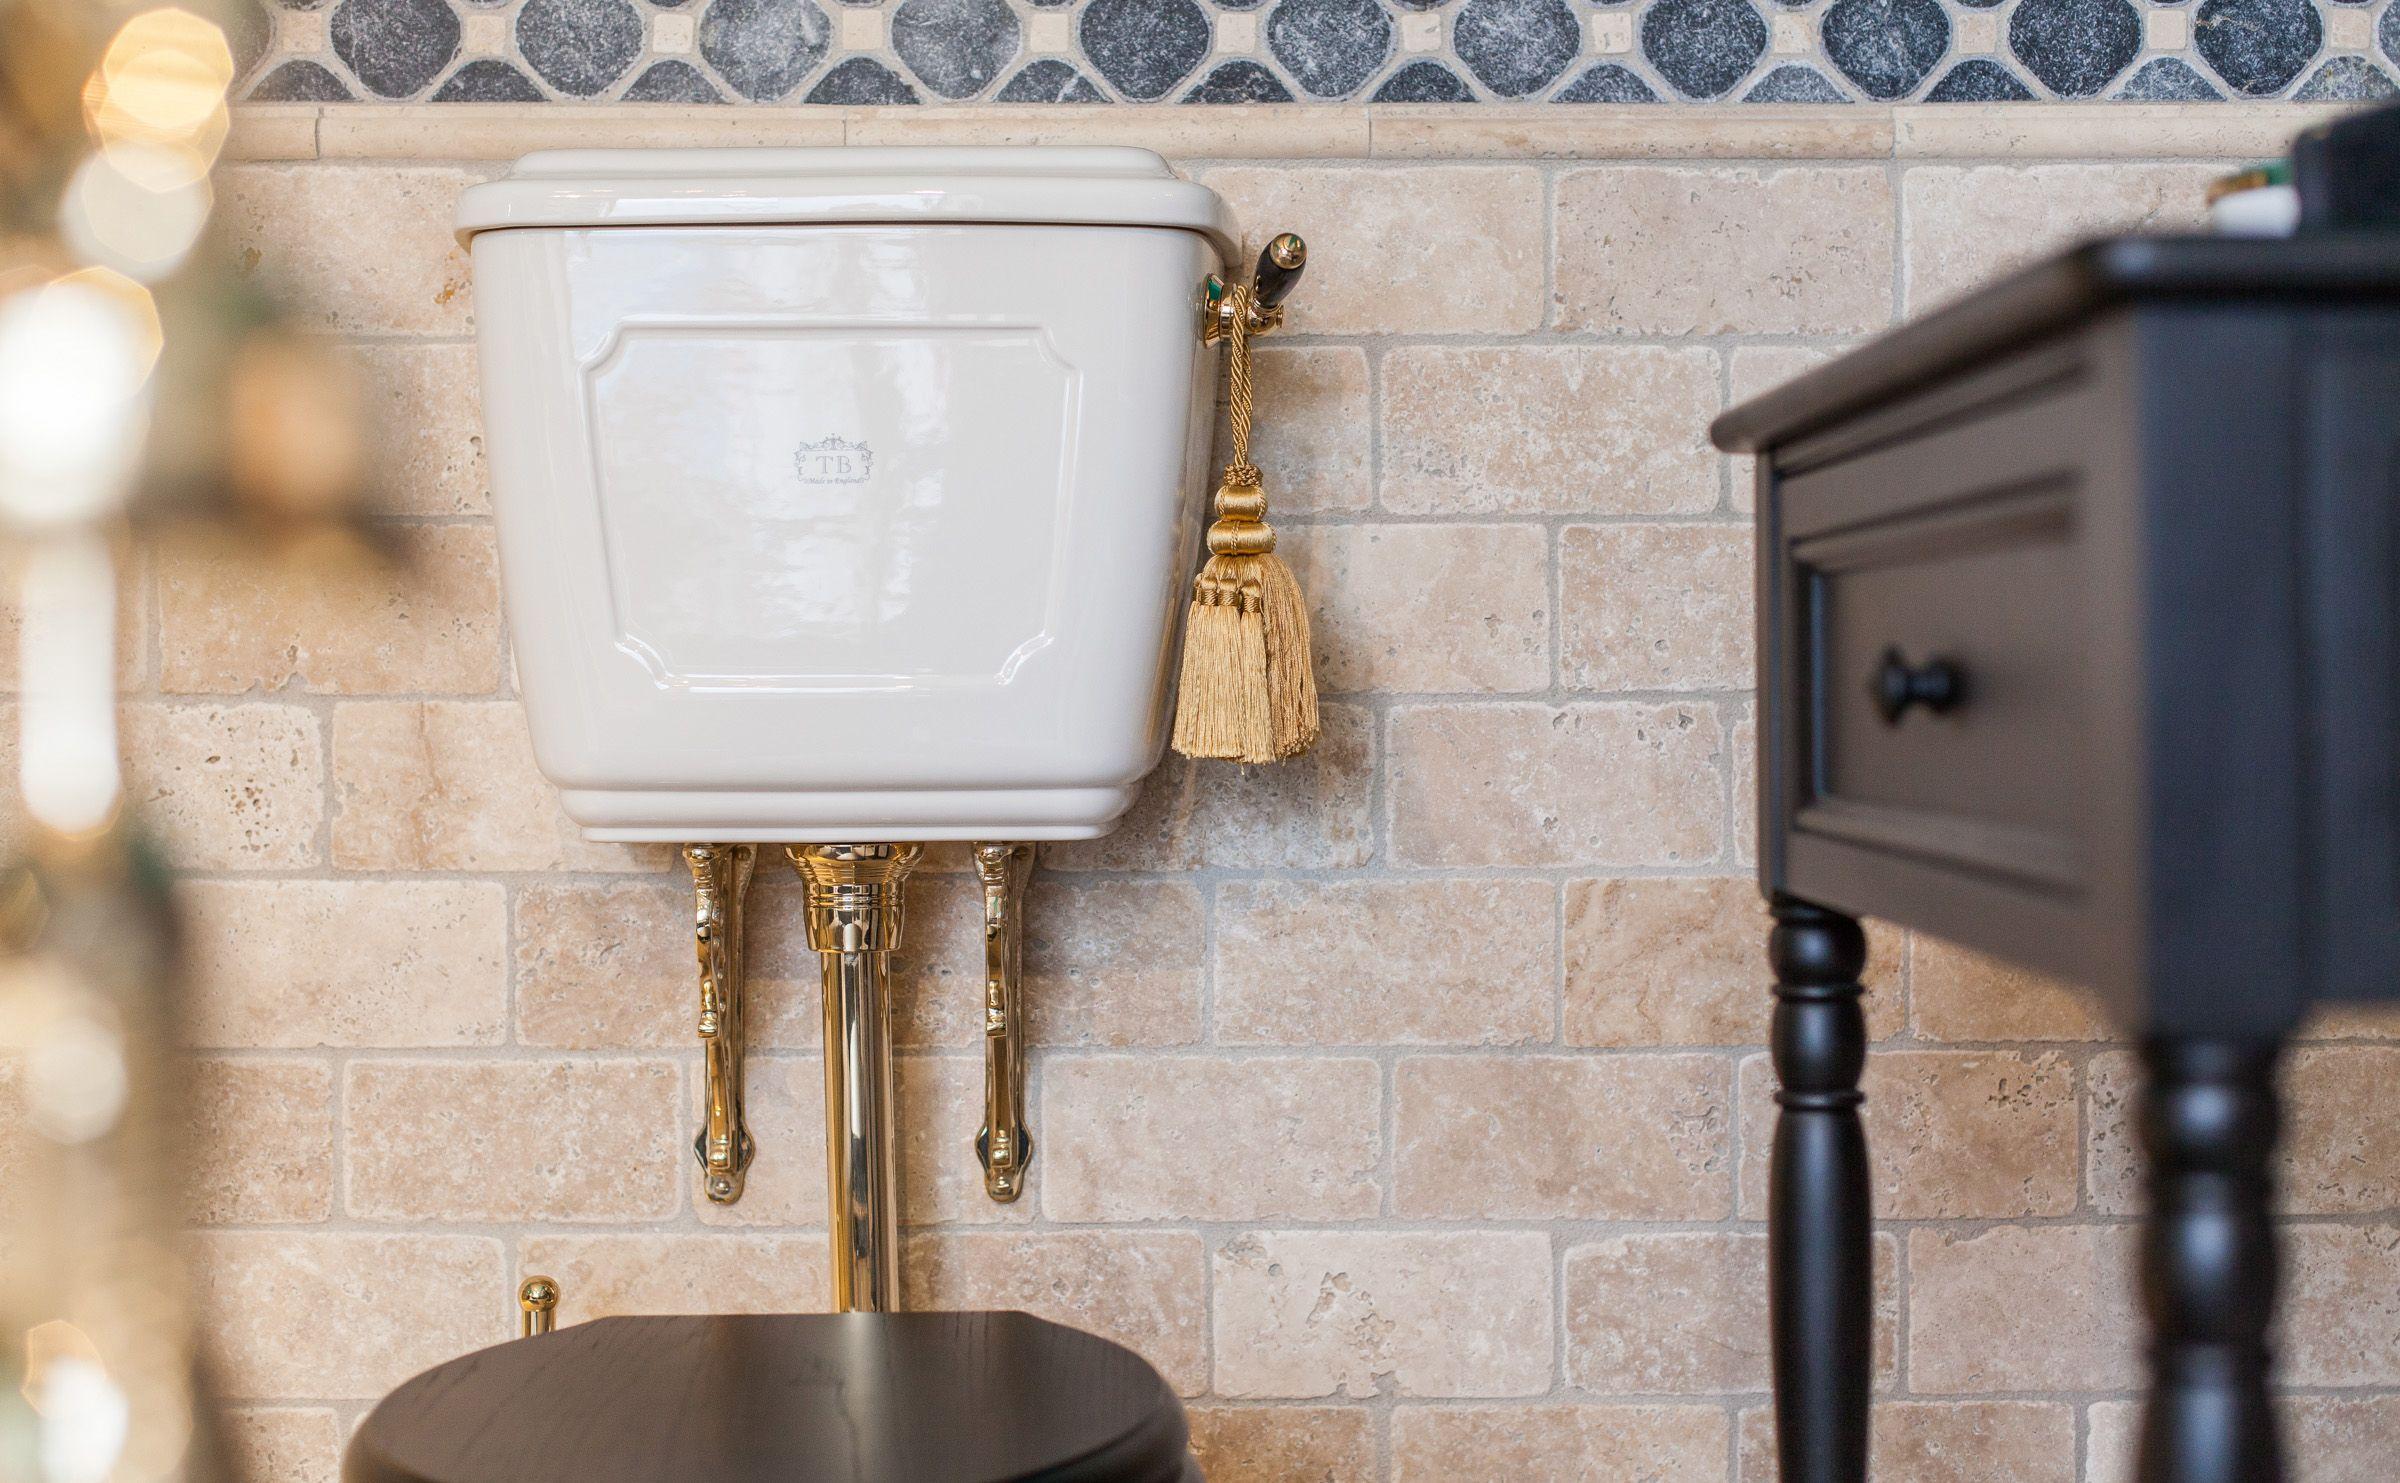 Sehr Hochwertig Gefertigter Spulkasten Im Englischen Stil Die Nostalgische Anmutung Macht Traditionelle Bader Viktorianisches Badezimmer Badezimmergestaltung